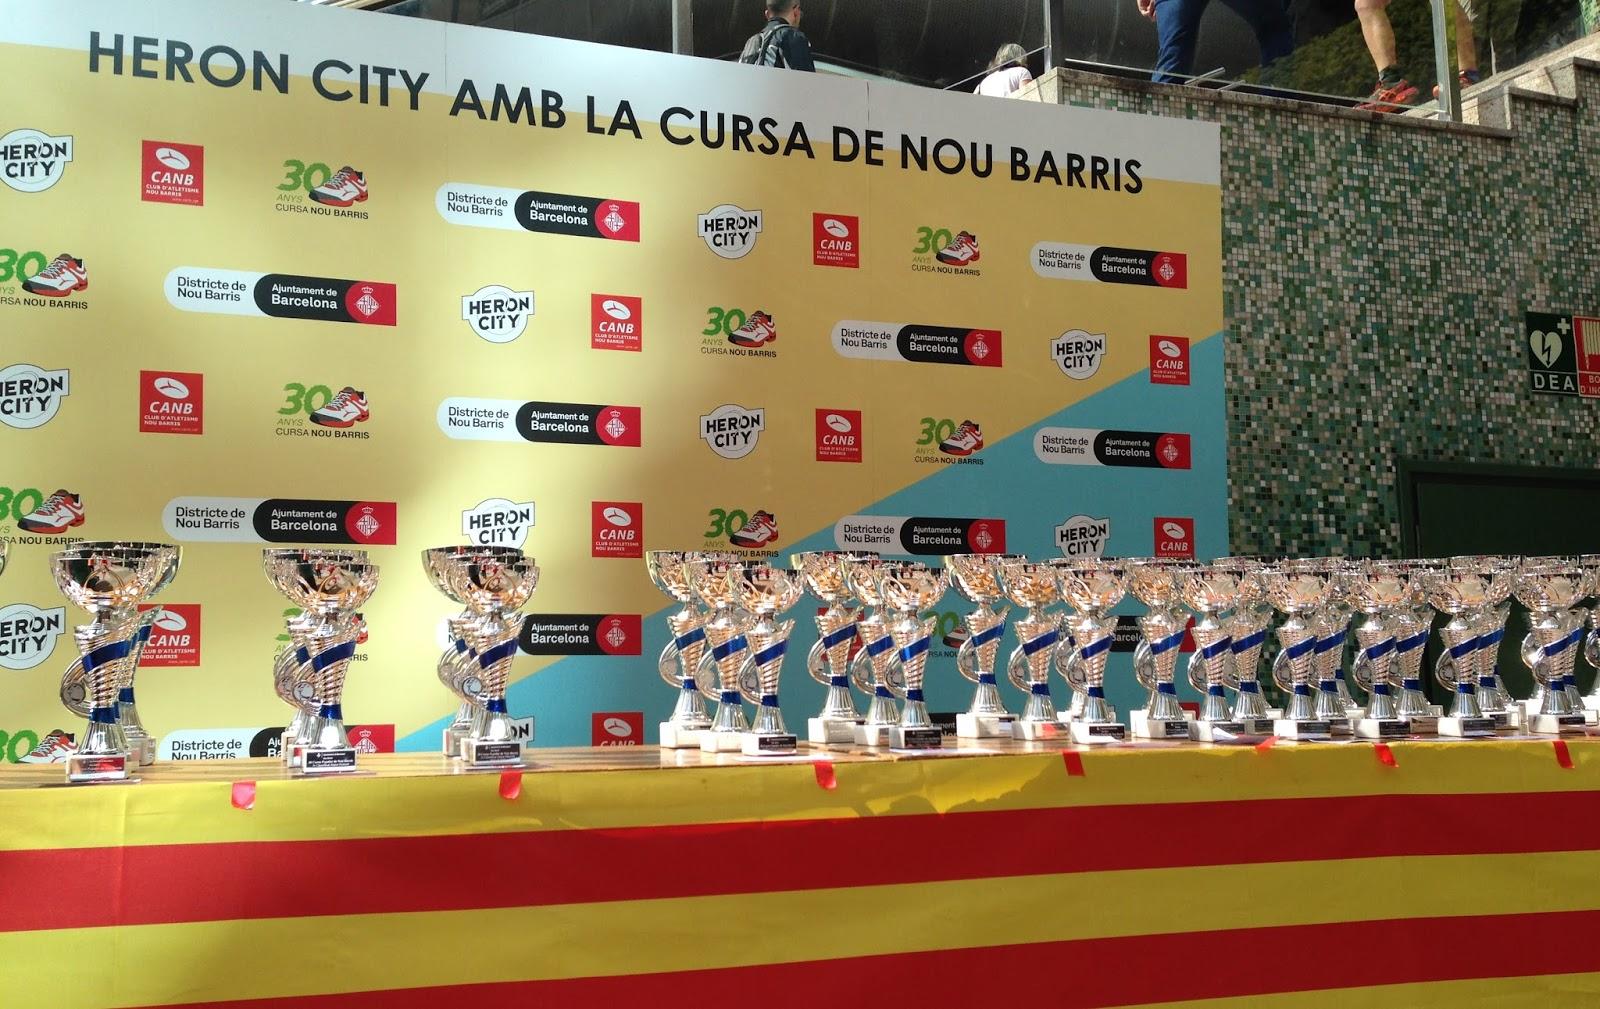 Trofeos Cursa Nou Barris 2016